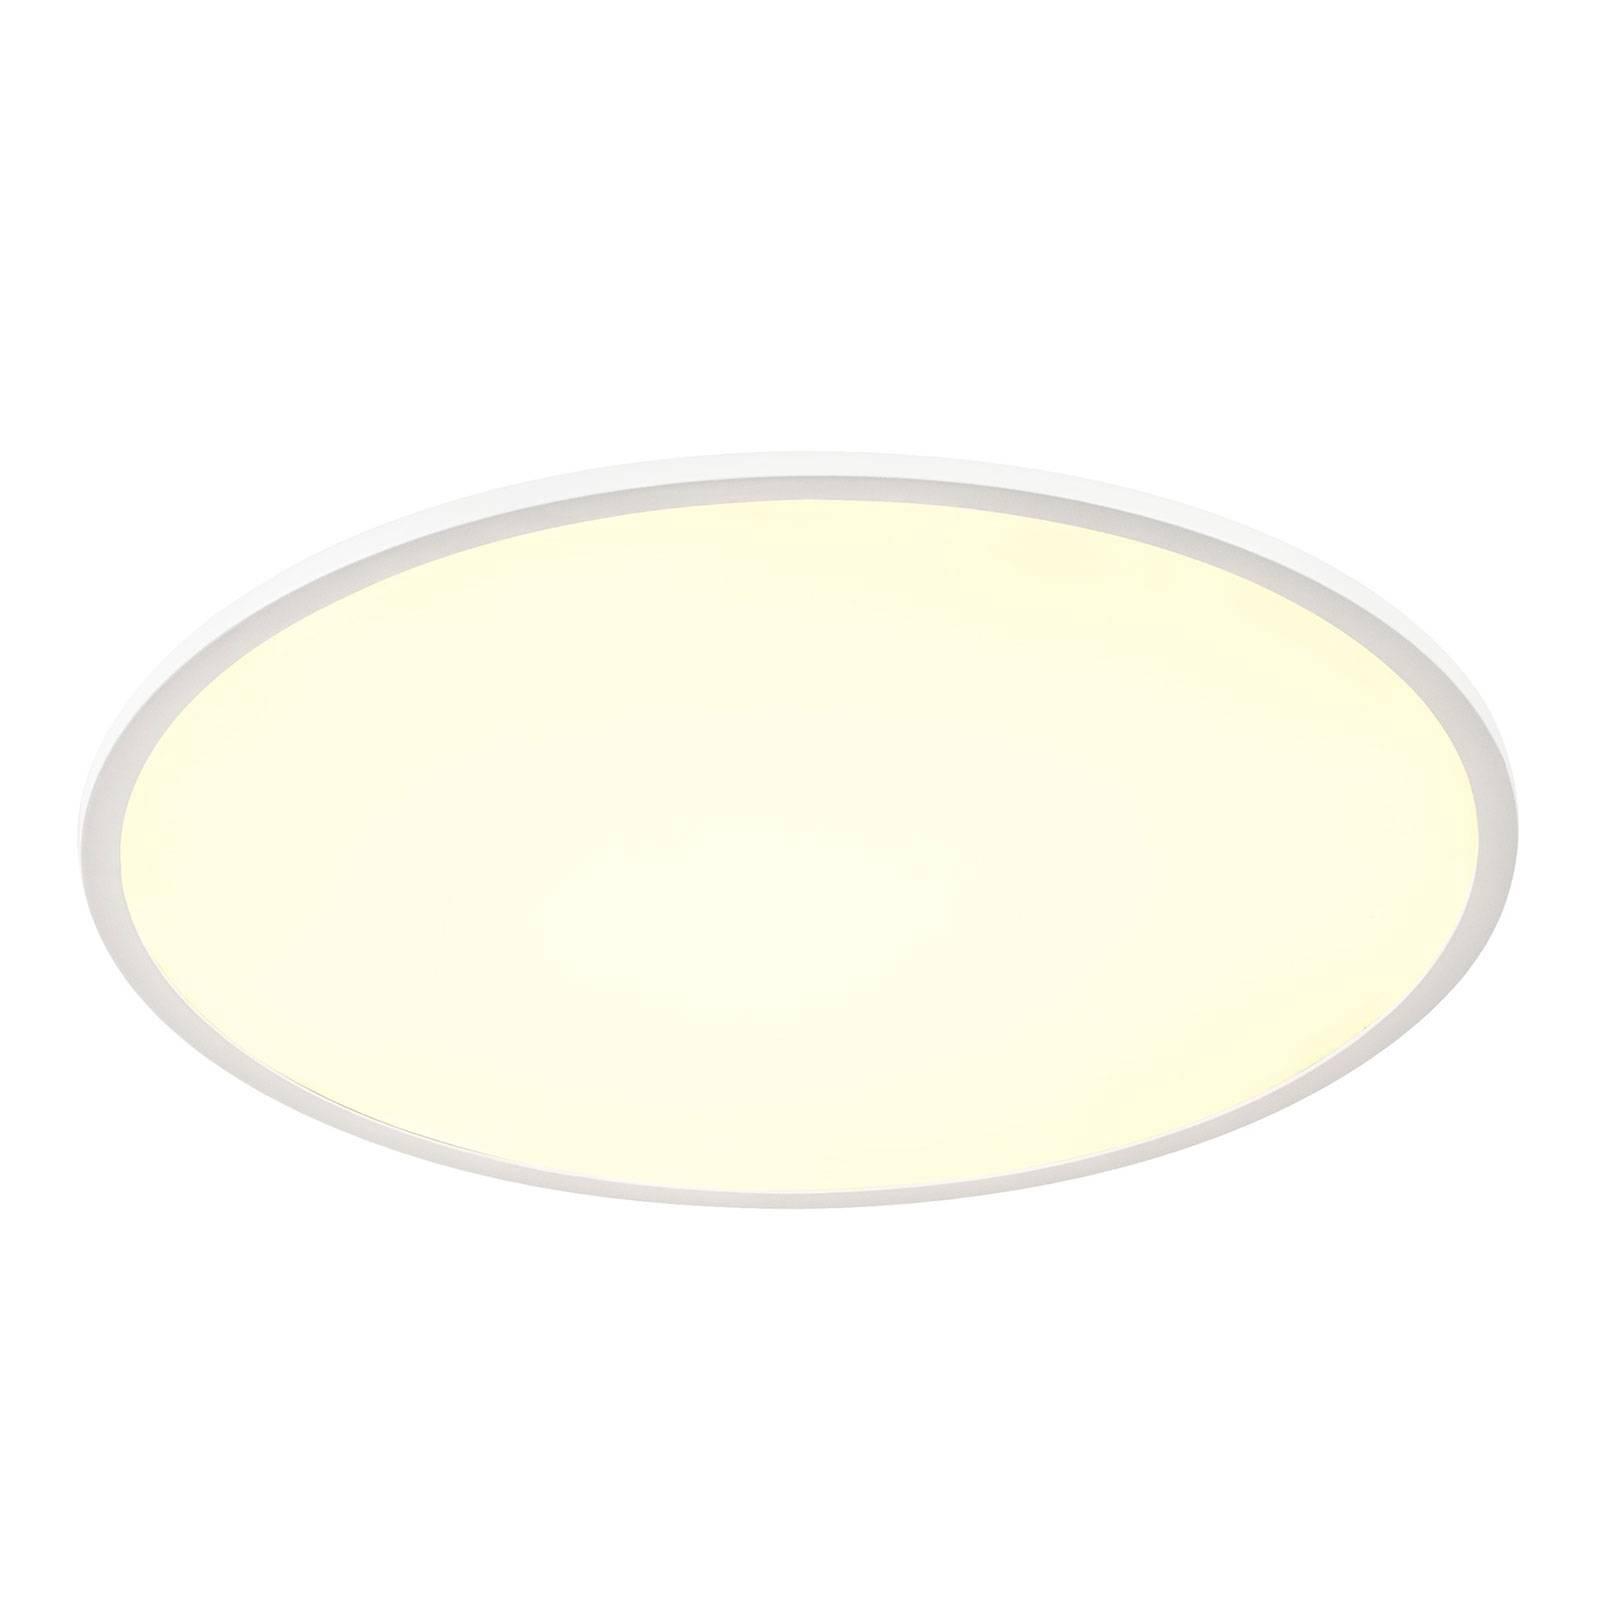 SLV Panel 60 lampa sufitowa LED, 4000K biała